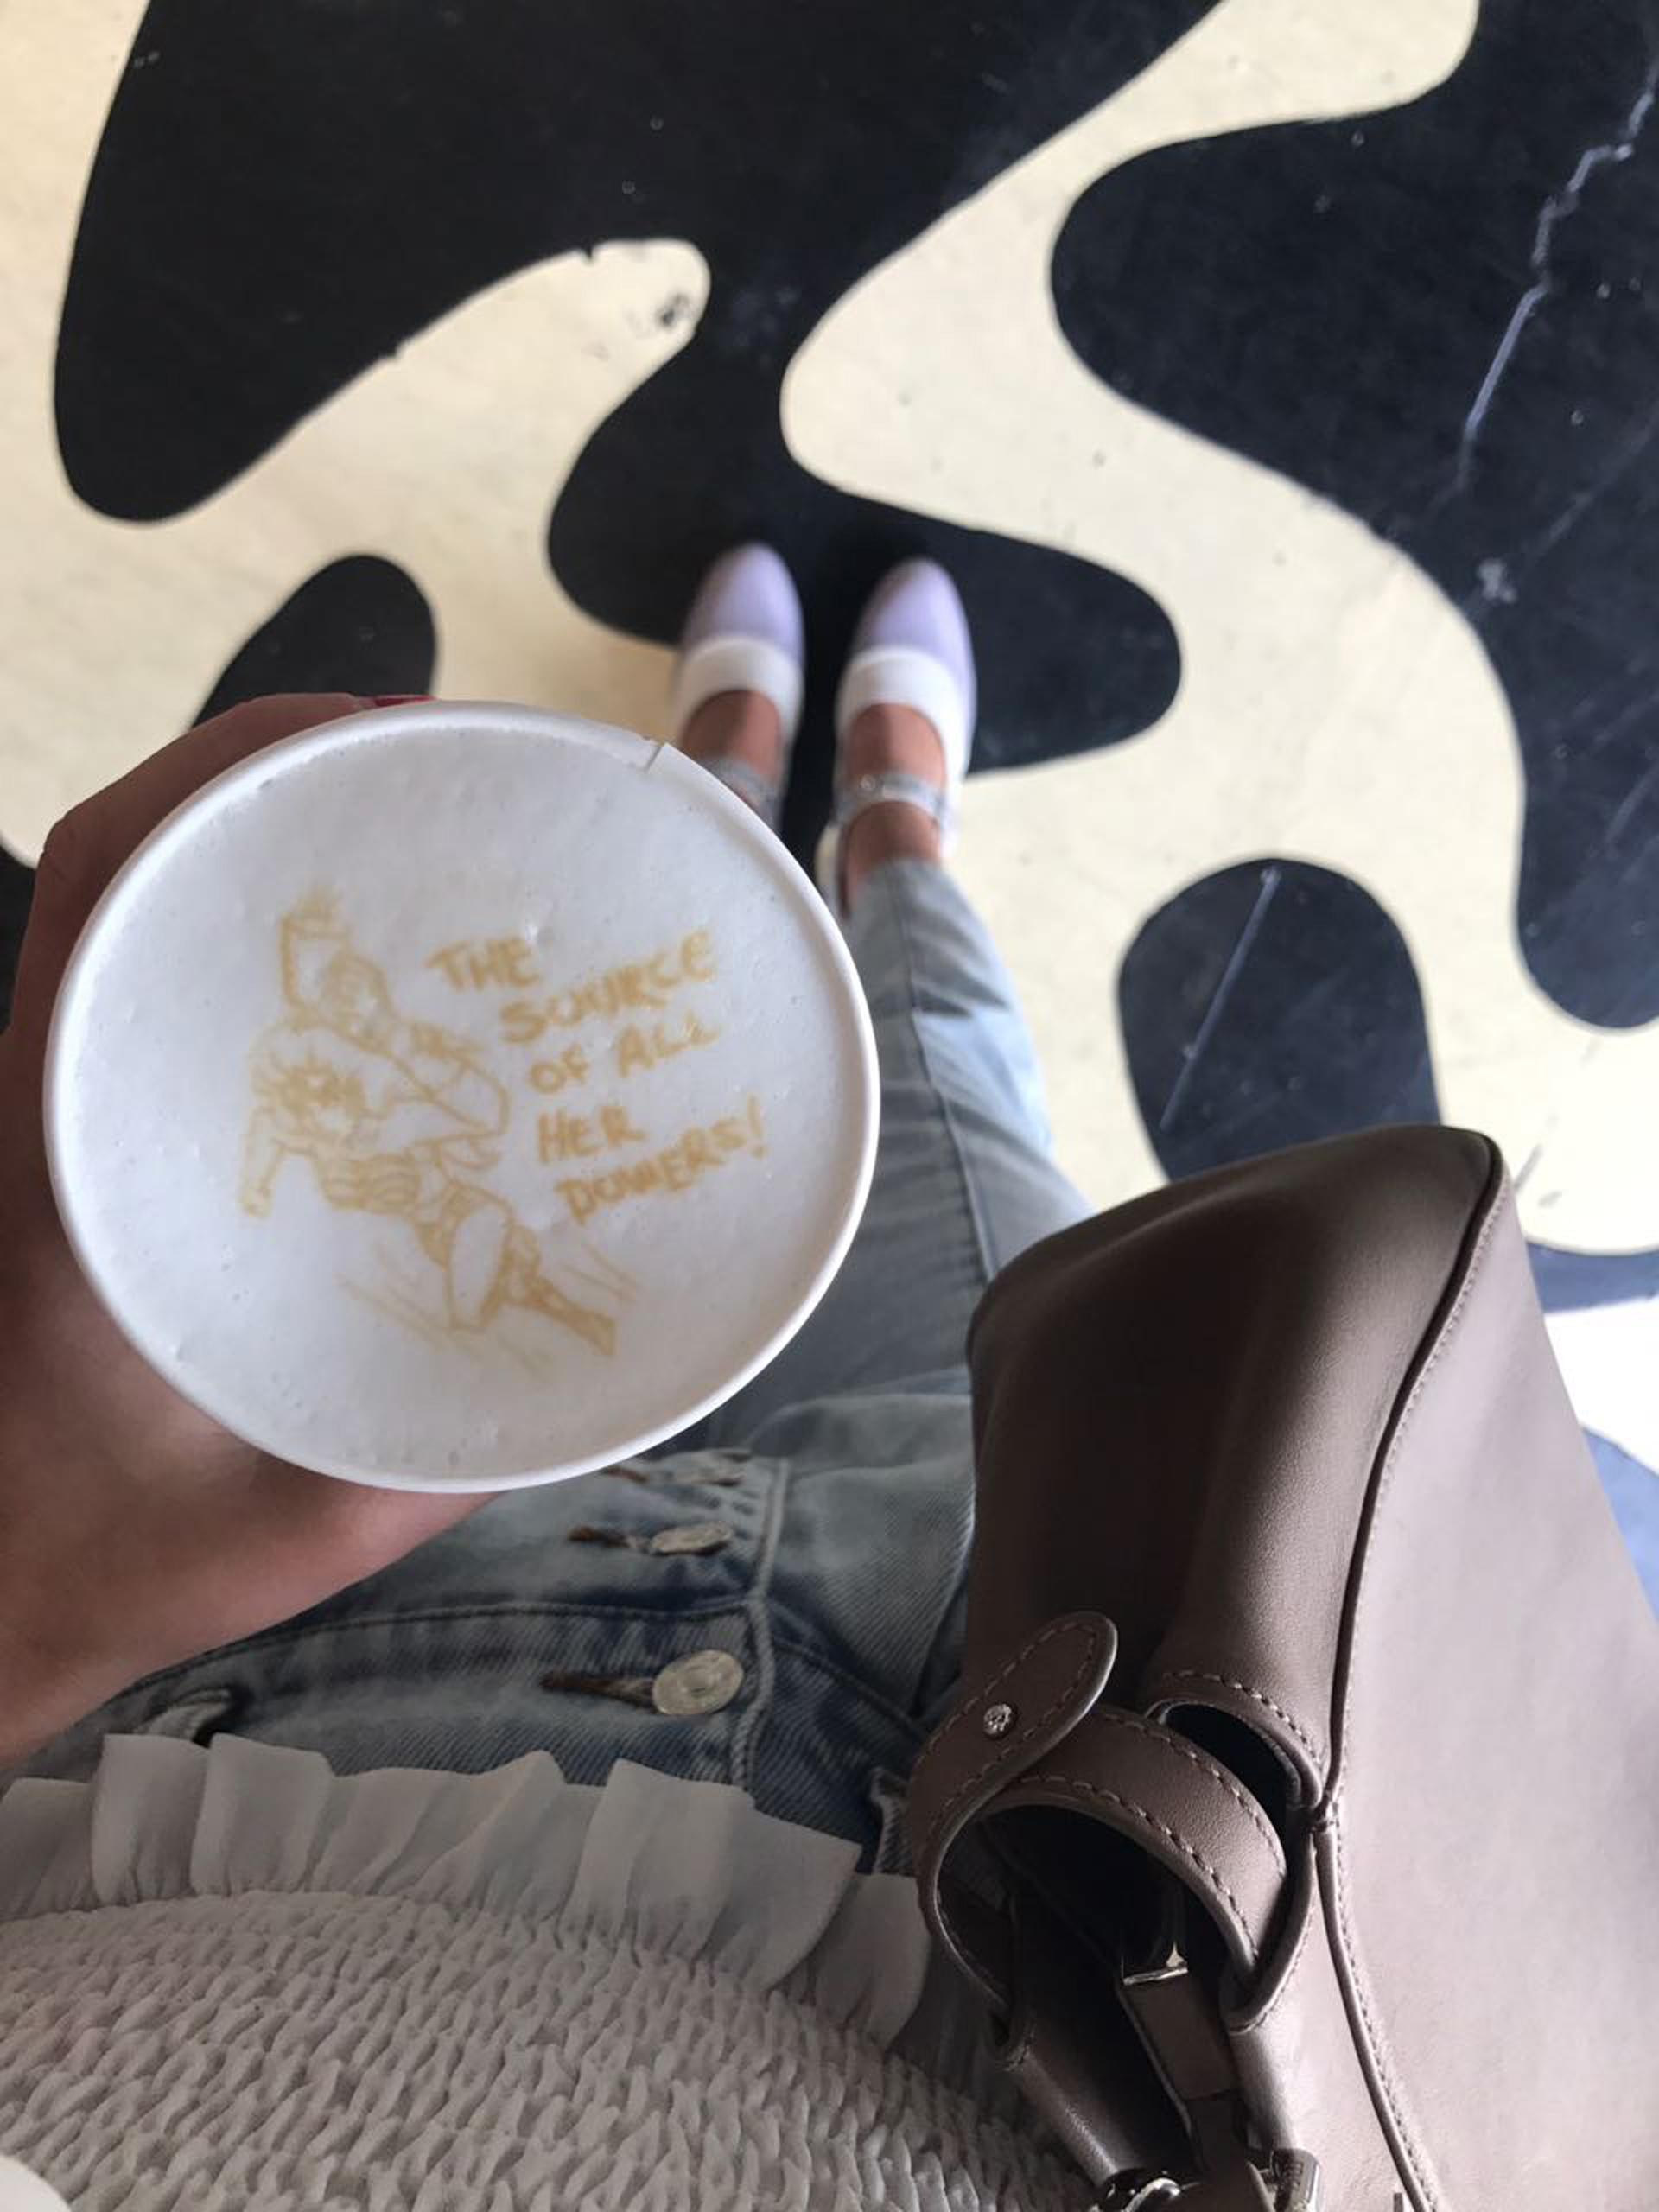 """Diseños pesonalizados para quienes compran el café. Inspirado en 'girl power' Angie eligió a una mujer superpoderosa con la frase""""El recurso de todos sus poderes""""."""